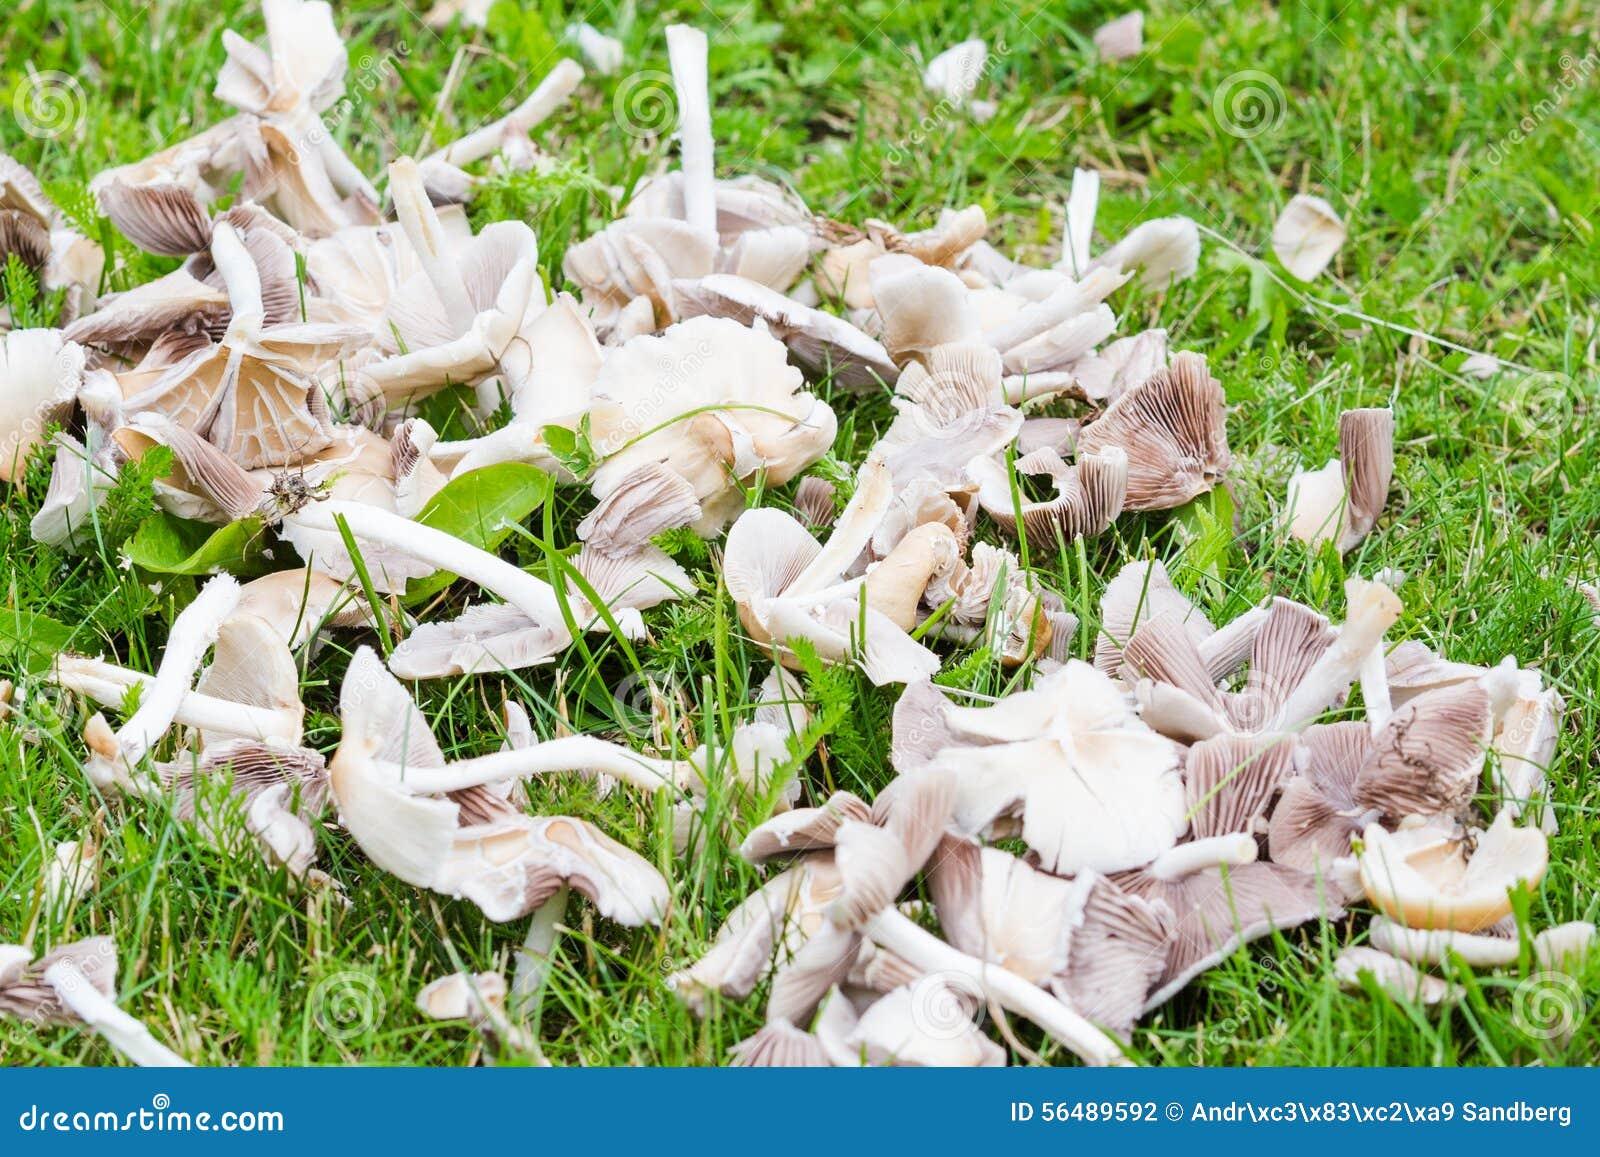 Champignons blancs sur l herbe de jardin